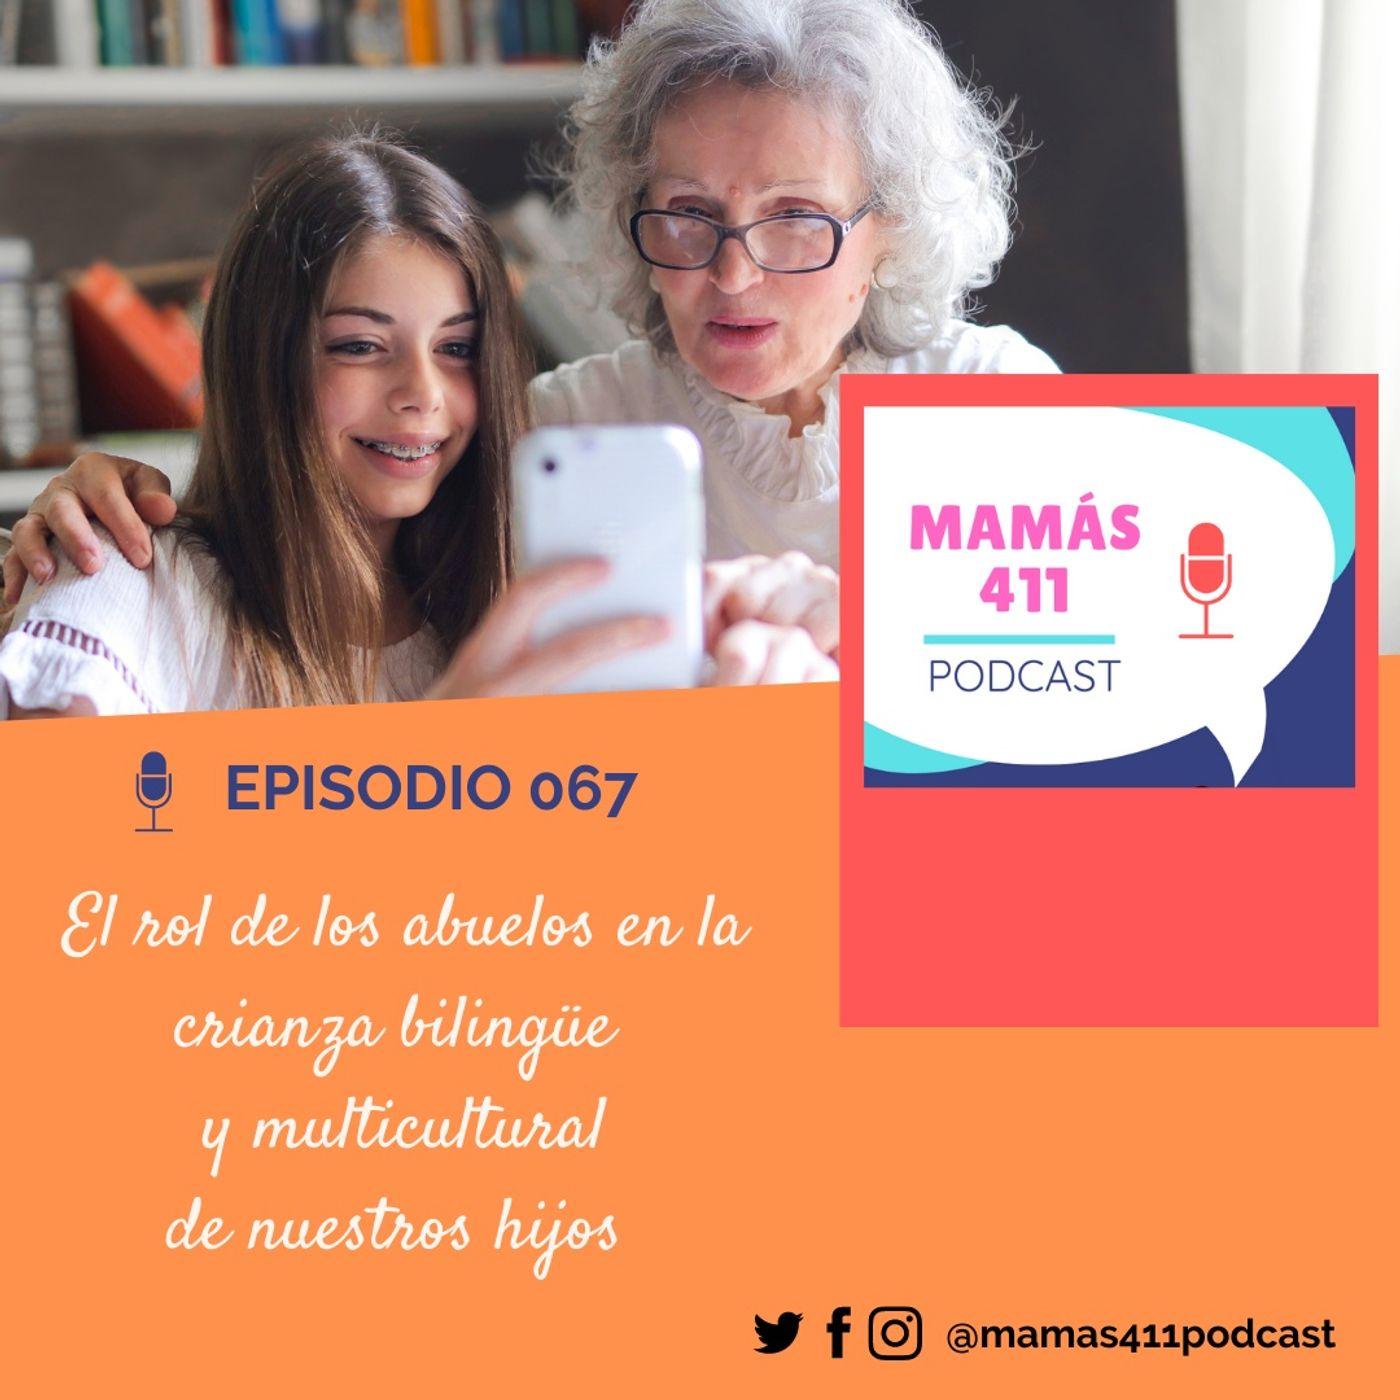 067 - El rol de los abuelos en la crianza bilingüe  y multicultural de nuestros hijos